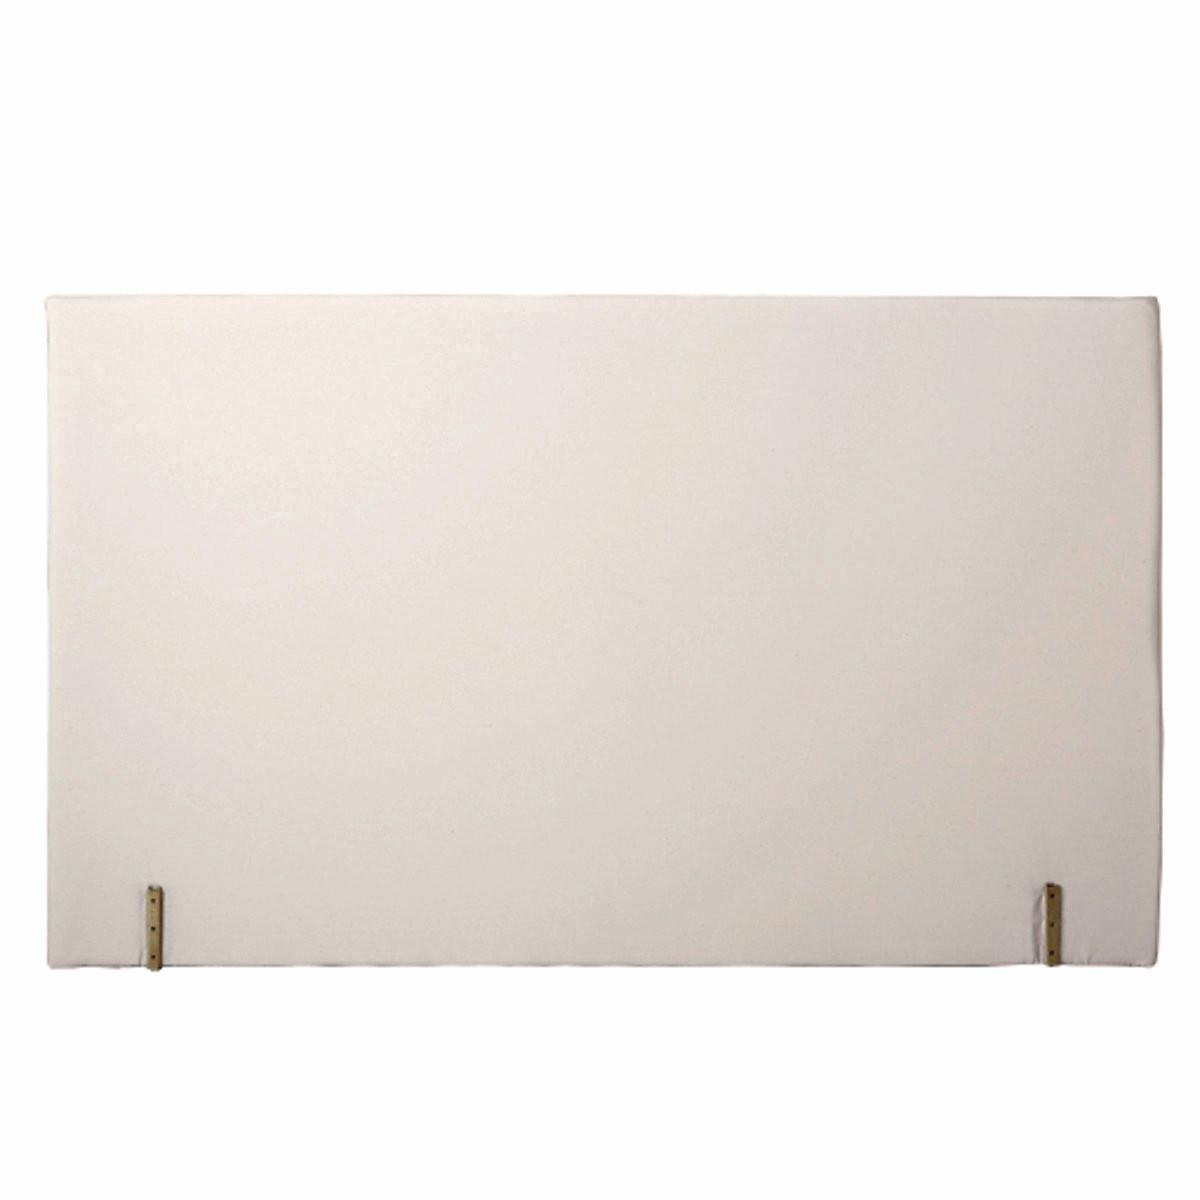 Изголовье LaRedoute Кровати с обивкой прямая форма 180 см белый односпальные кровати